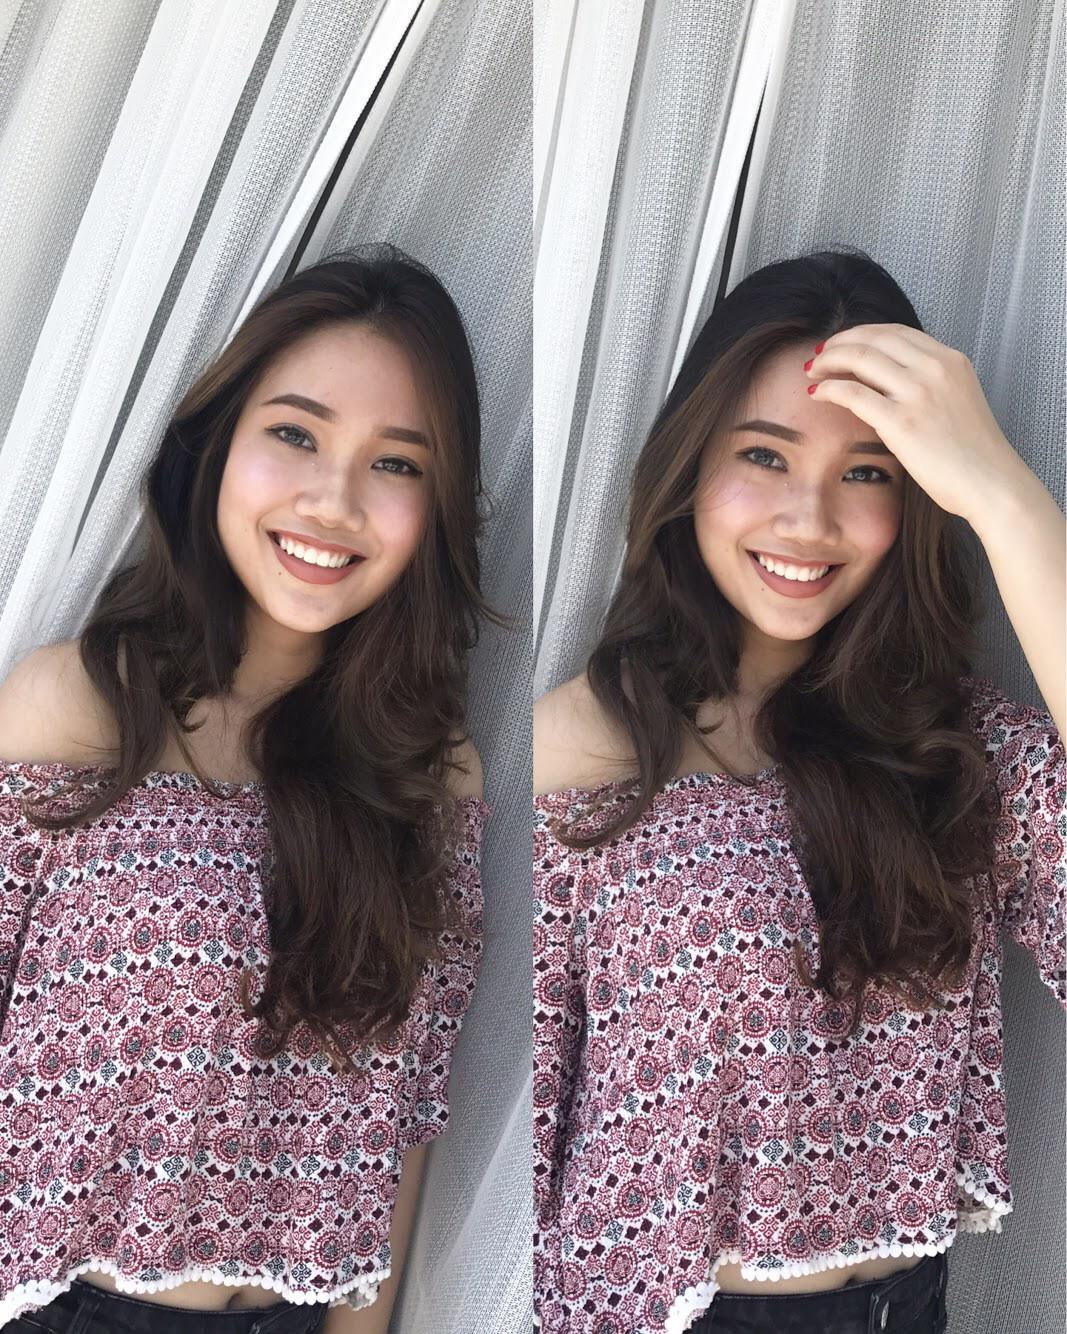 """Nữ du học sinh Việt xinh đẹp tại Nhật vừa được ĐH Tokyo trao danh hiệu """"Nhà lãnh đạo trẻ xuất sắc"""" - Ảnh 6."""